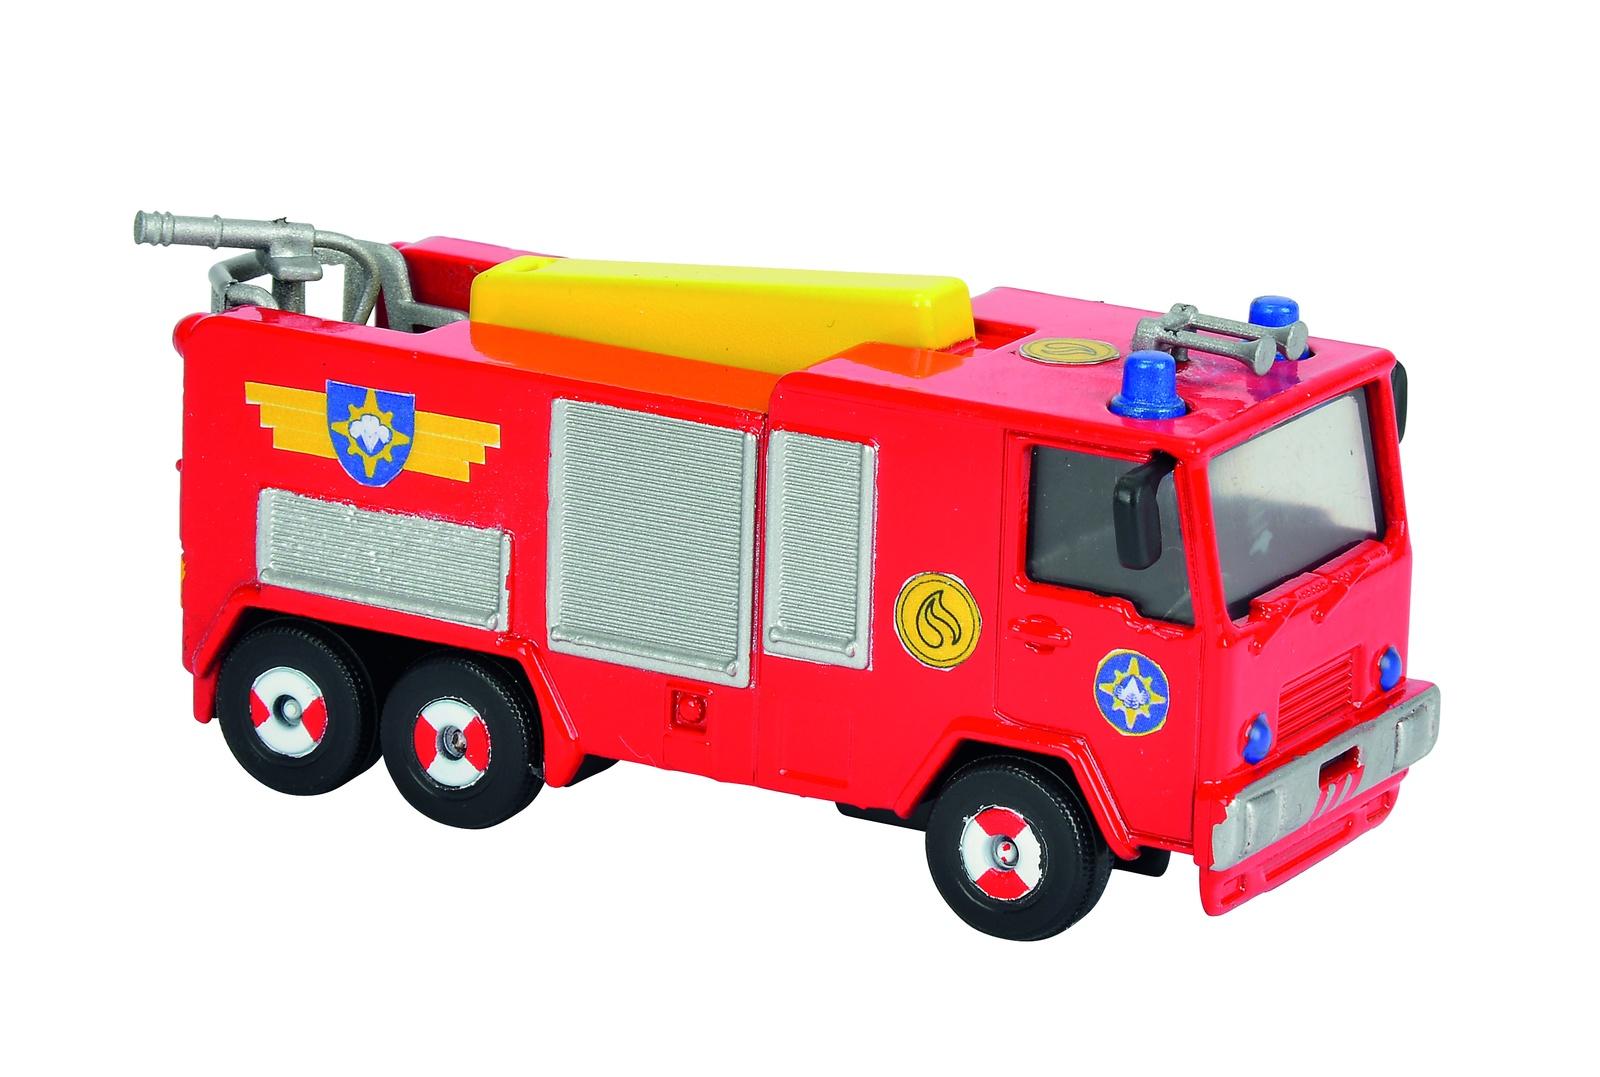 Пожарный Сэм, Игрушка транспортная на блистере Юпитер, 1:64, 24/96 машинка 3шт пожарный сэм dickie